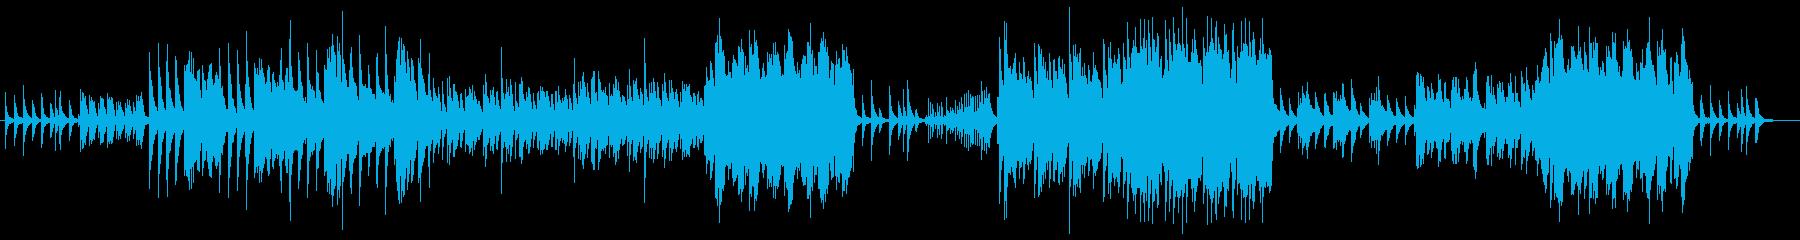 ピアノと木管楽器 ほのぼのポカポカの再生済みの波形